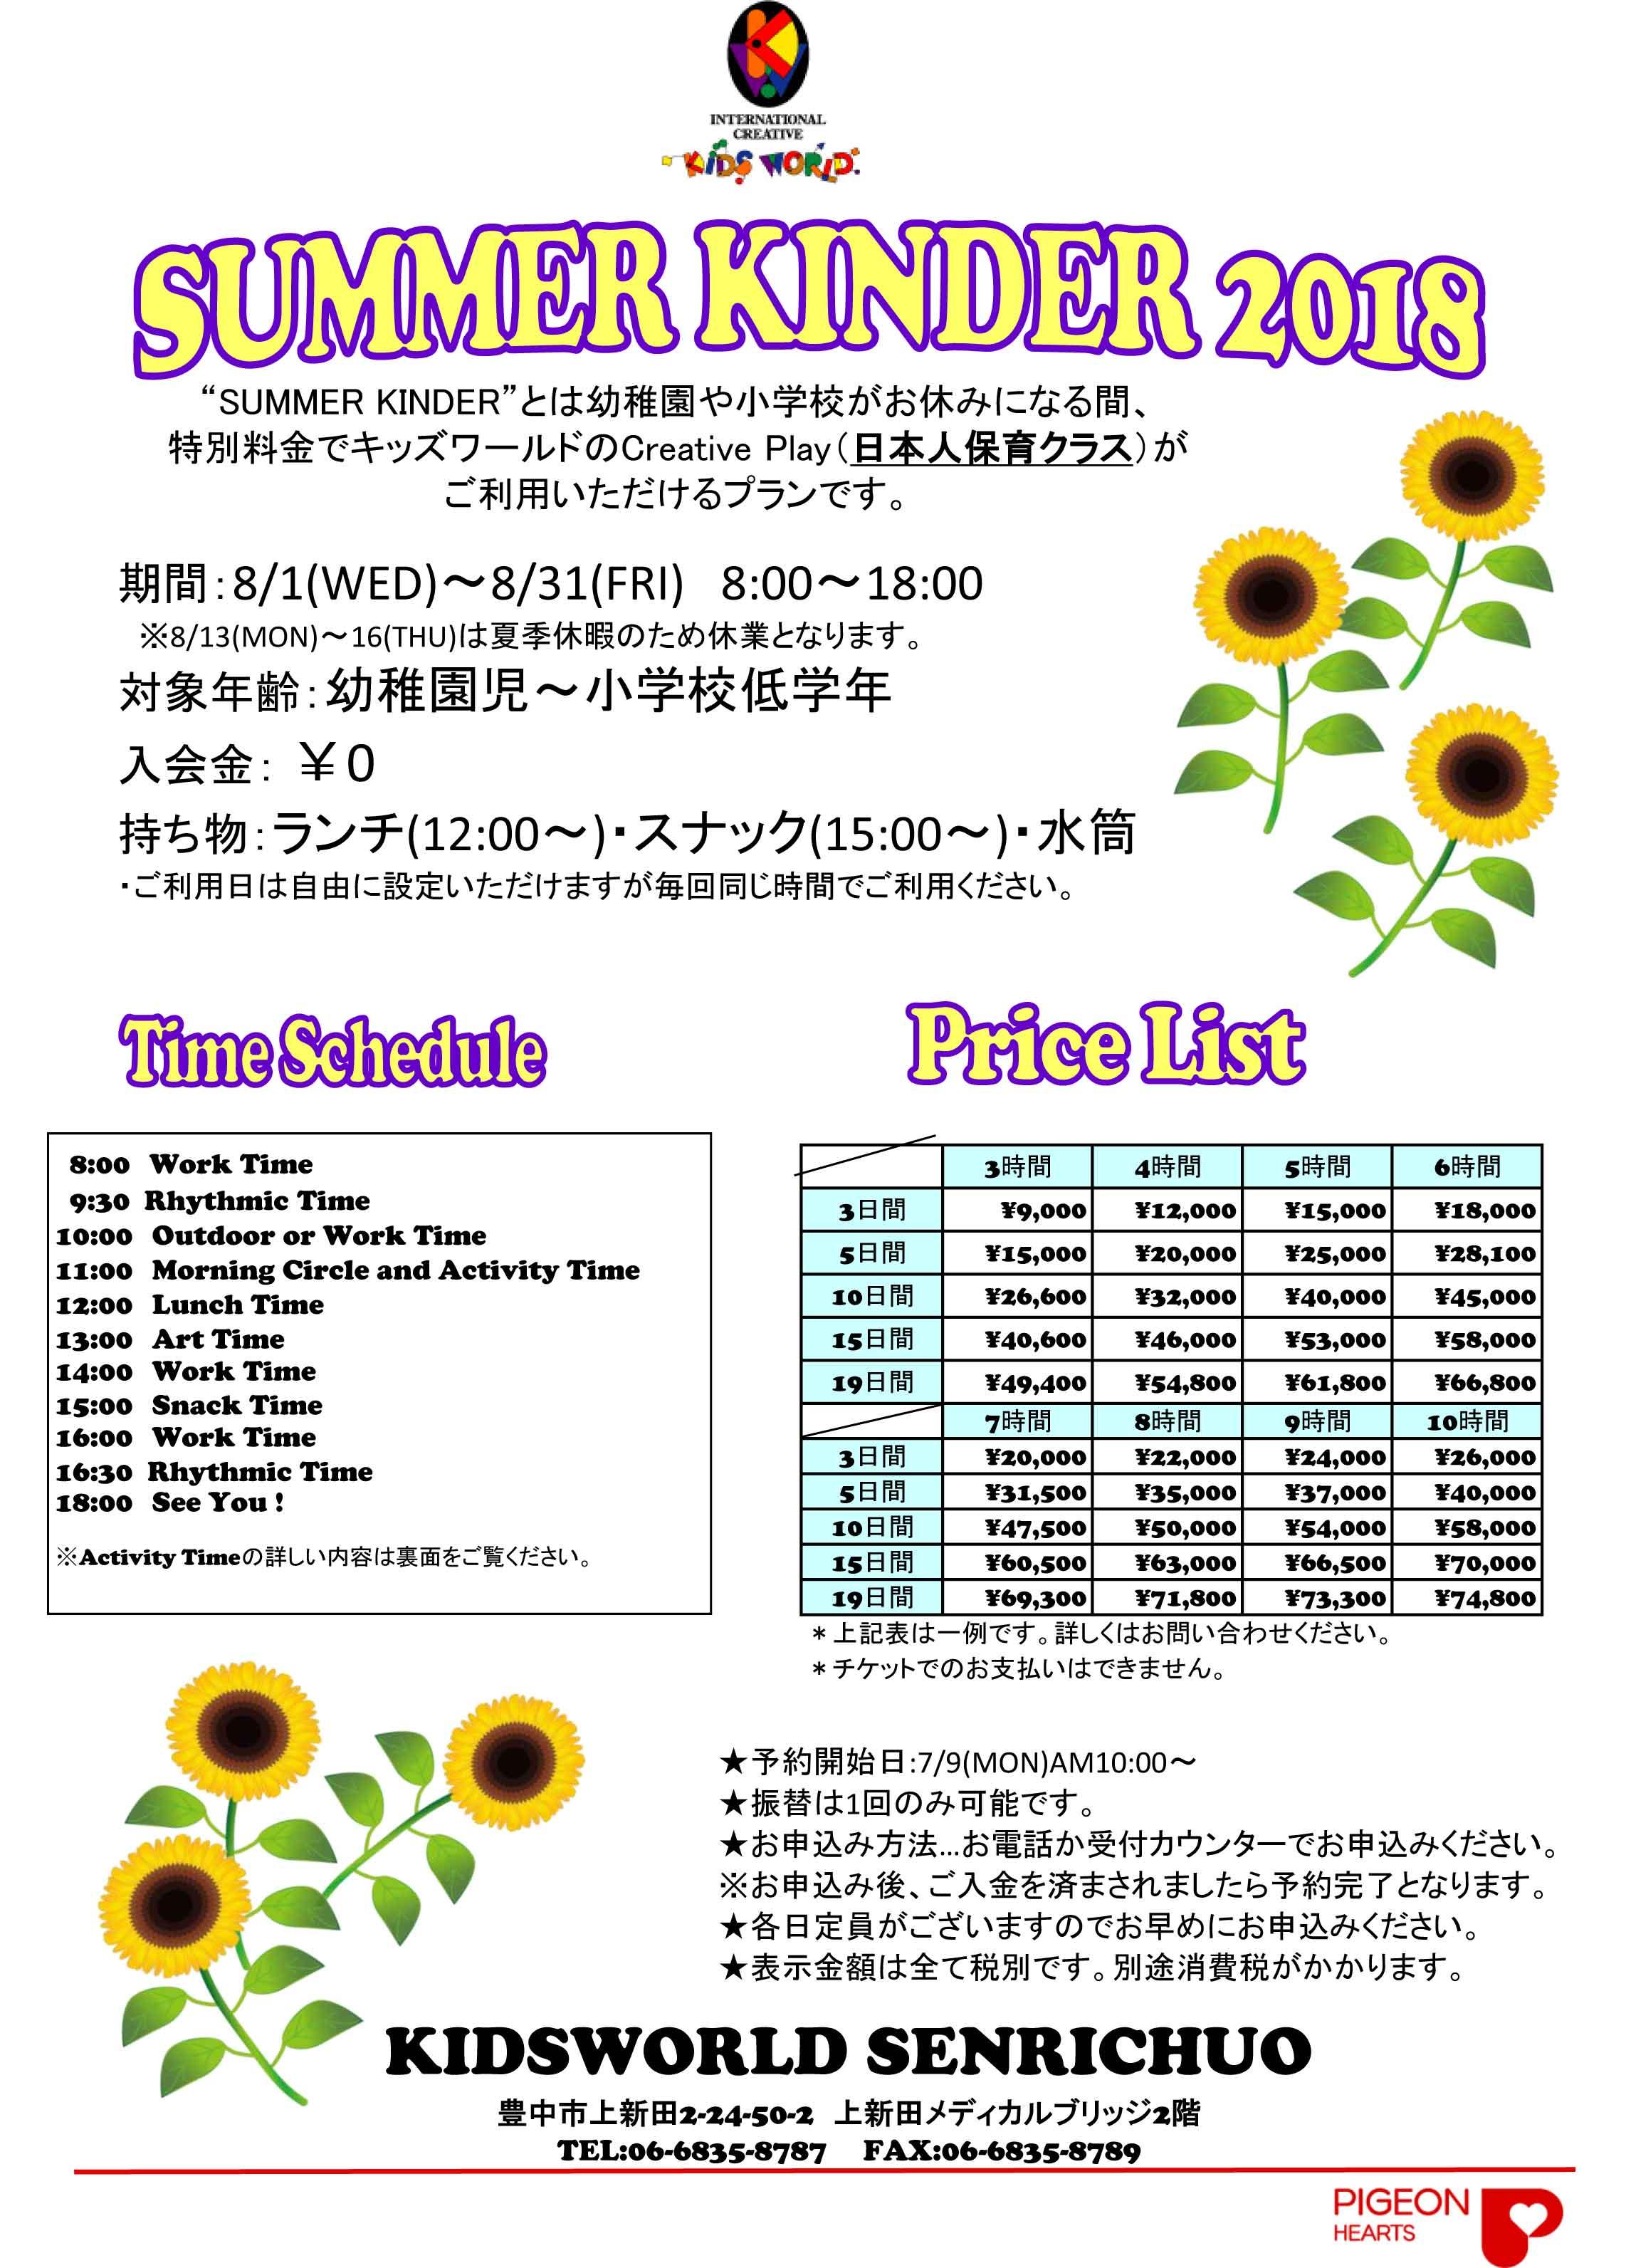 【千里中央】Summer-Kinder2018